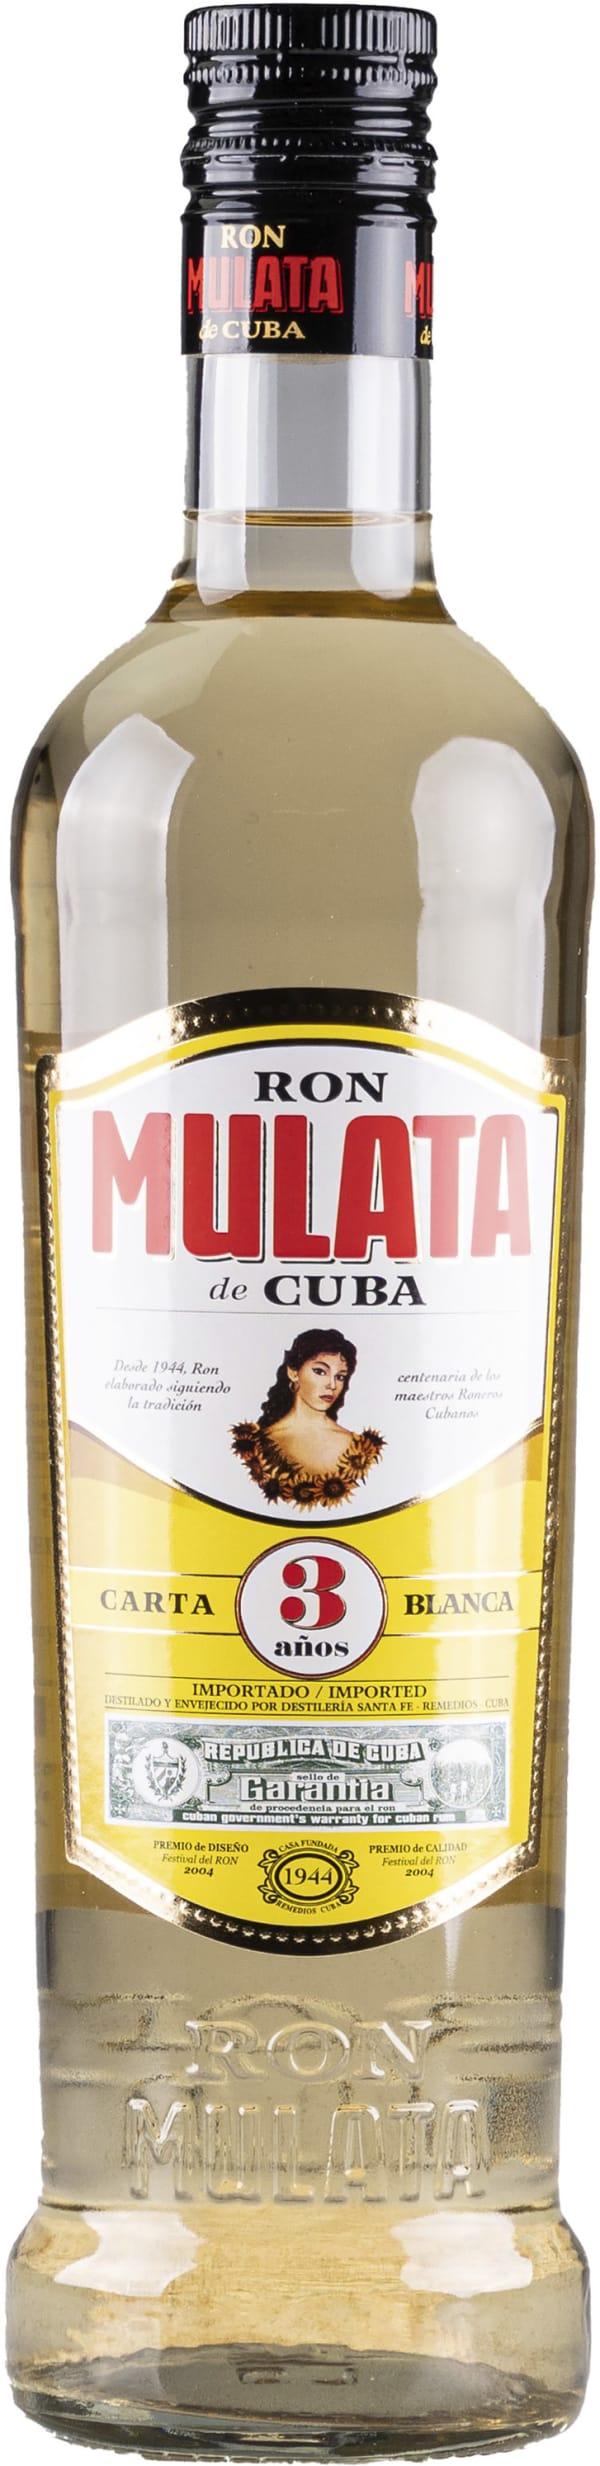 Ron Mulata de Cuba 3 años 40%